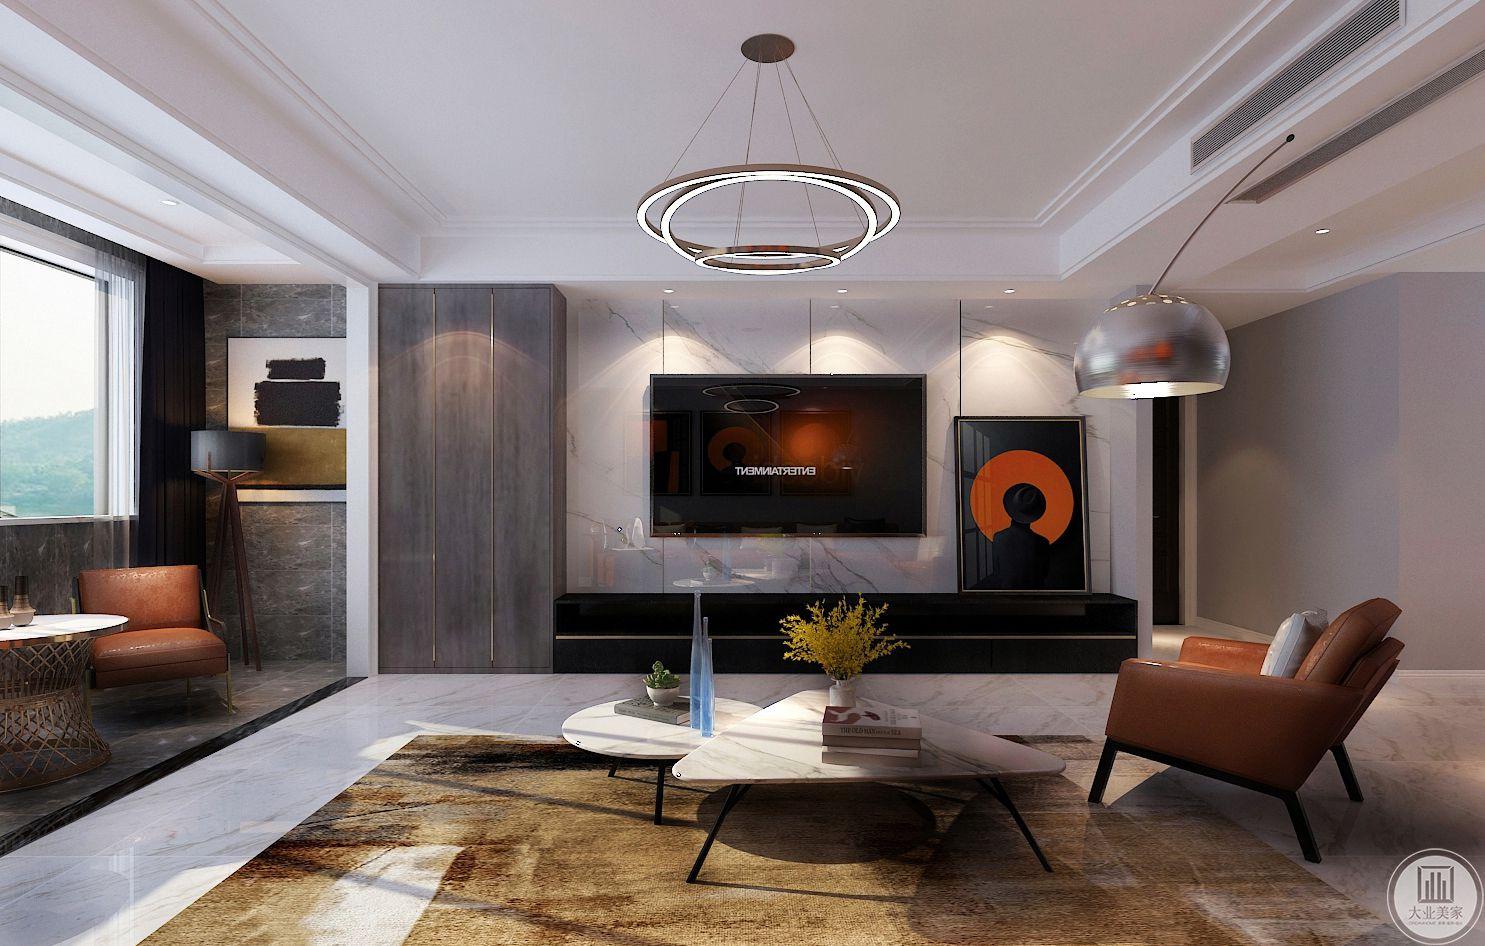 客厅装修效果图:简而不失其华,奢不显其涩,这才是我们现在需要的,它不仅是一种风格,一种时尚 它更是一种精神向导生活方式。